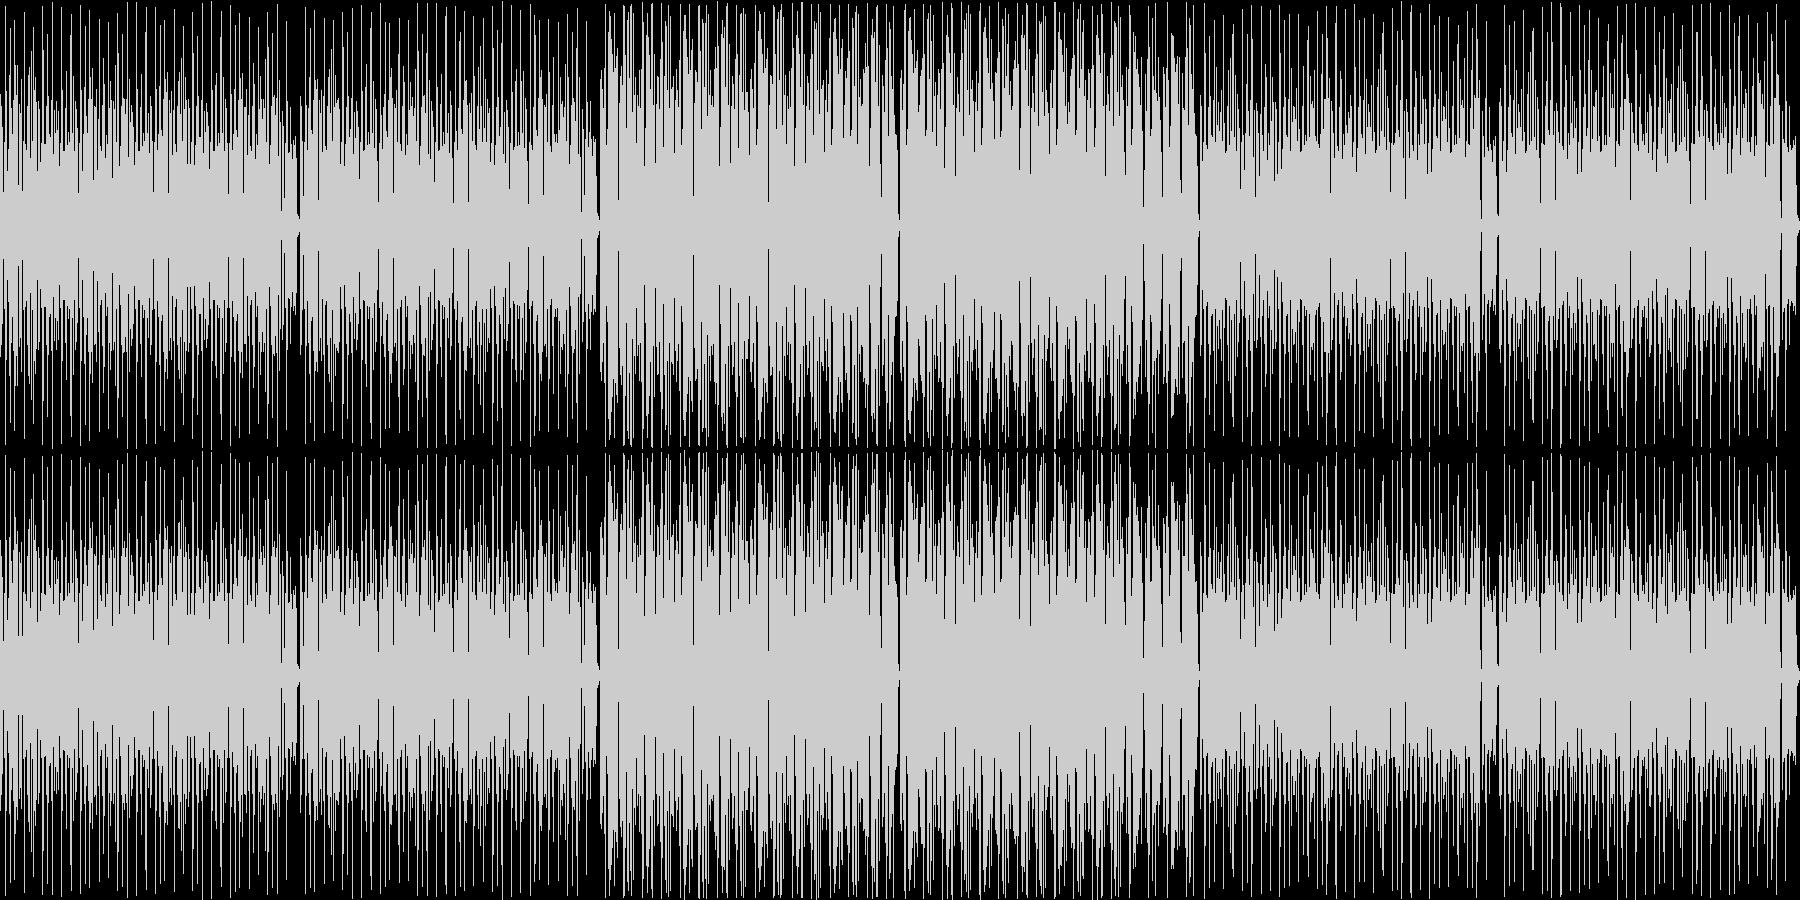 レゲエの未再生の波形